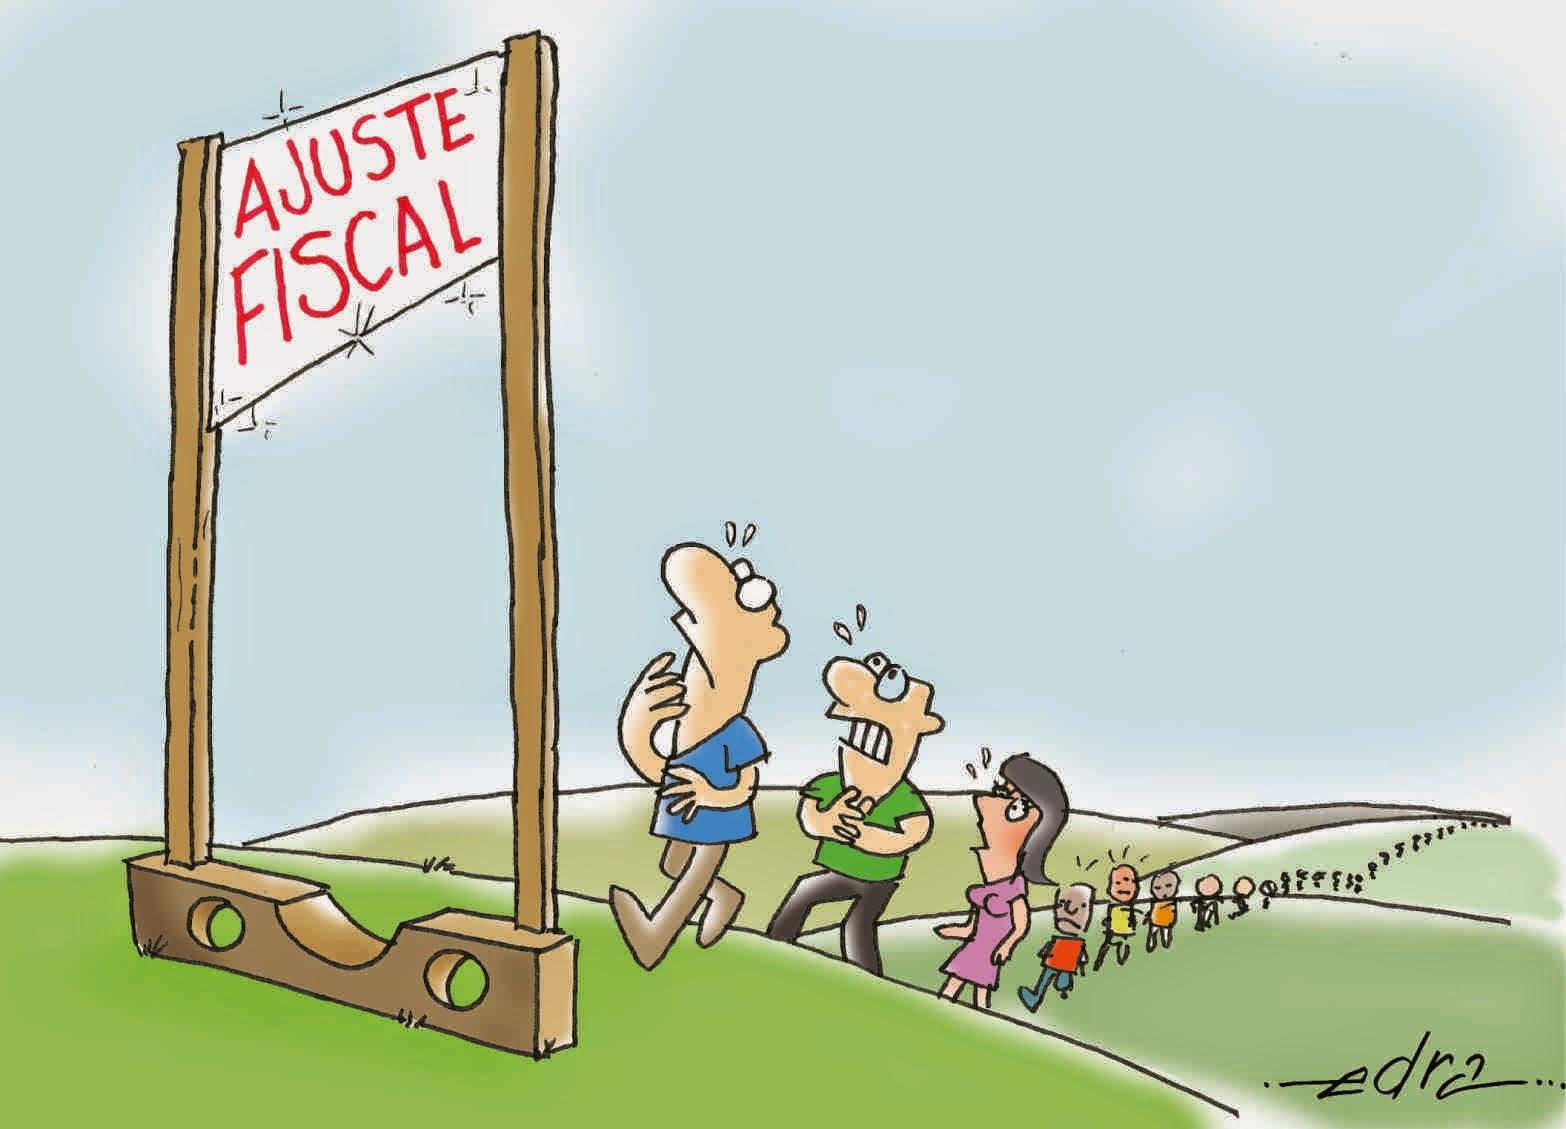 Resultado de imagem para ajuste fiscal   charges